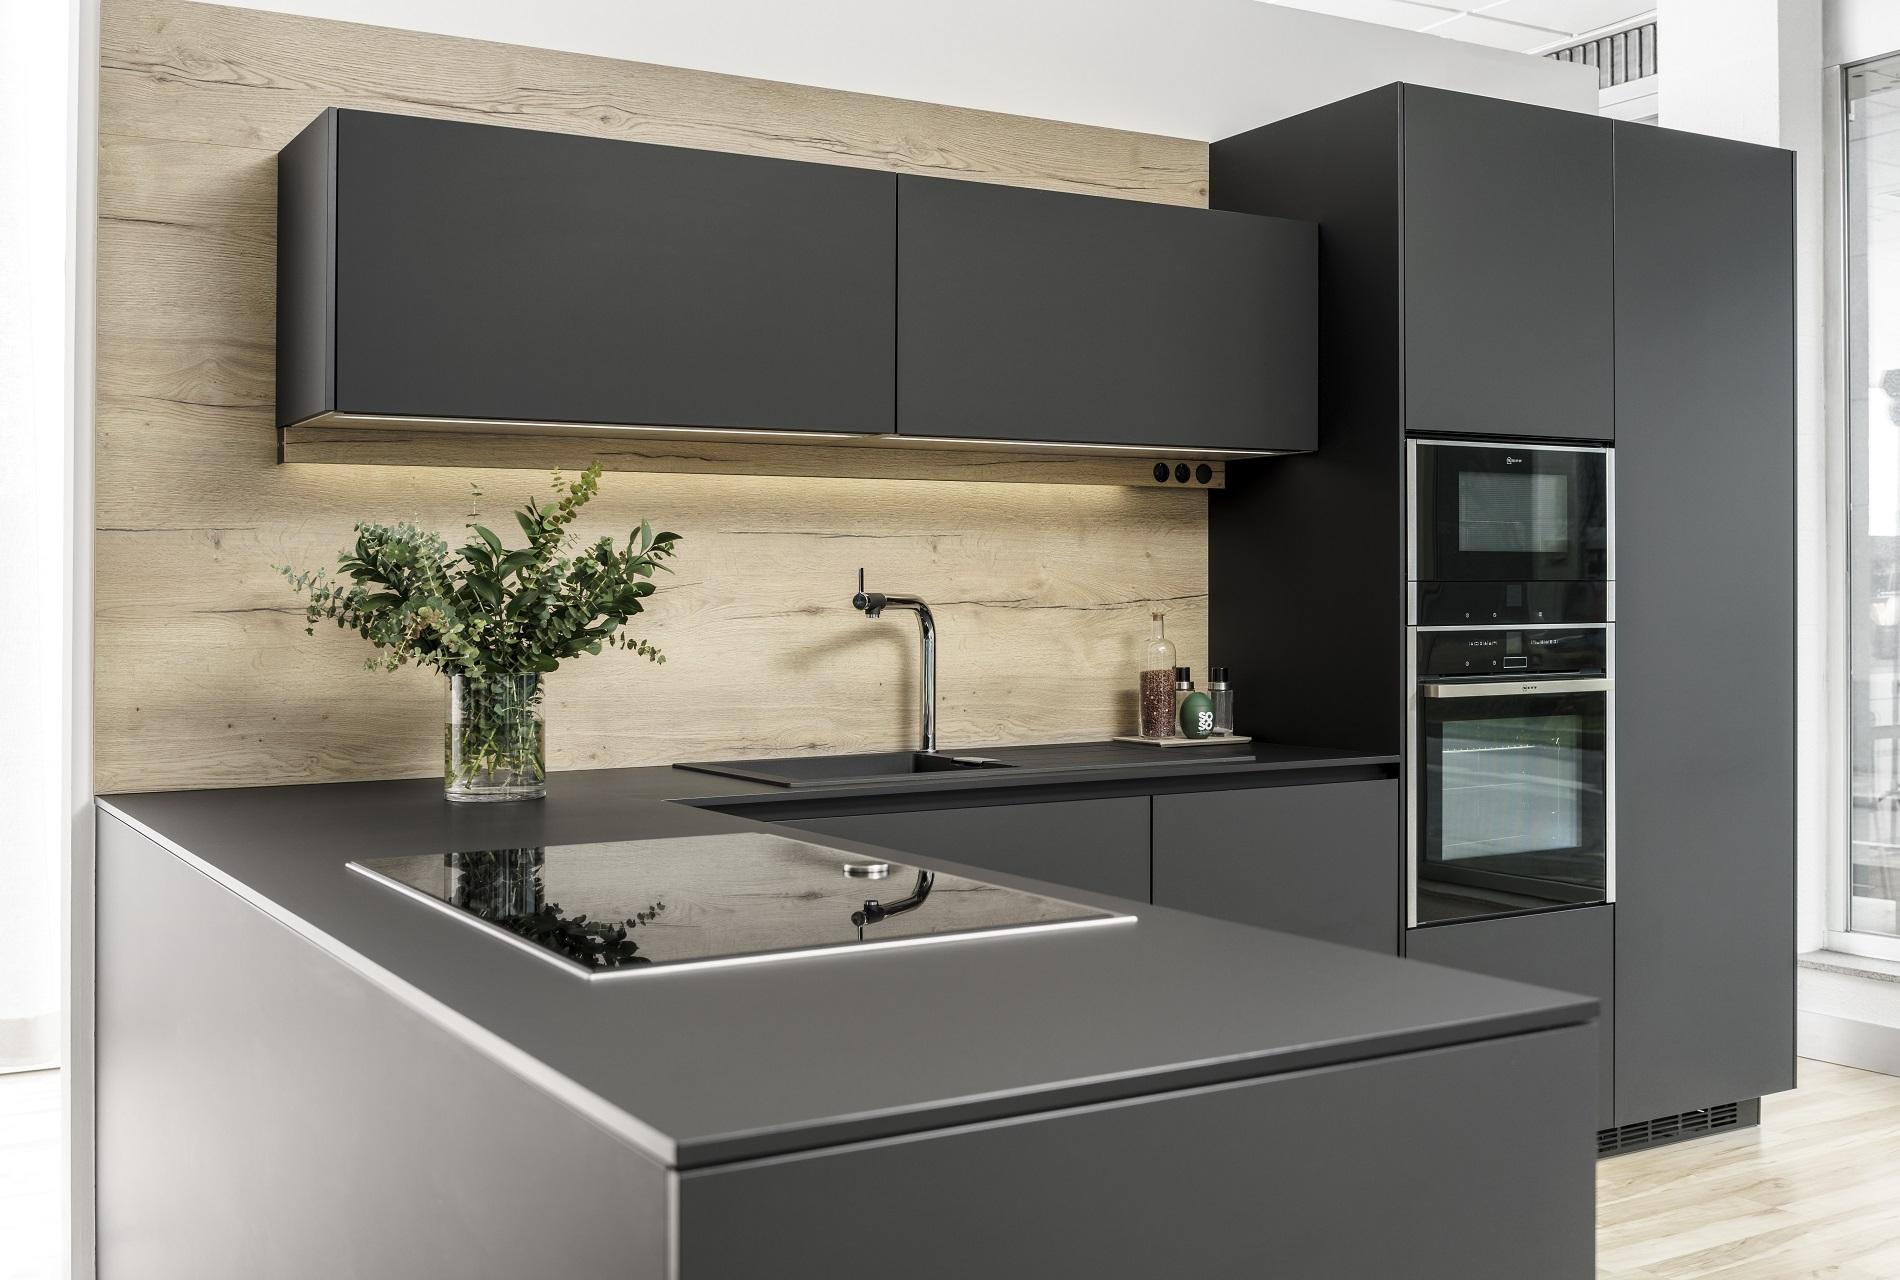 Cocinas de exposición en liquidación Line LAH Santiago Interiores